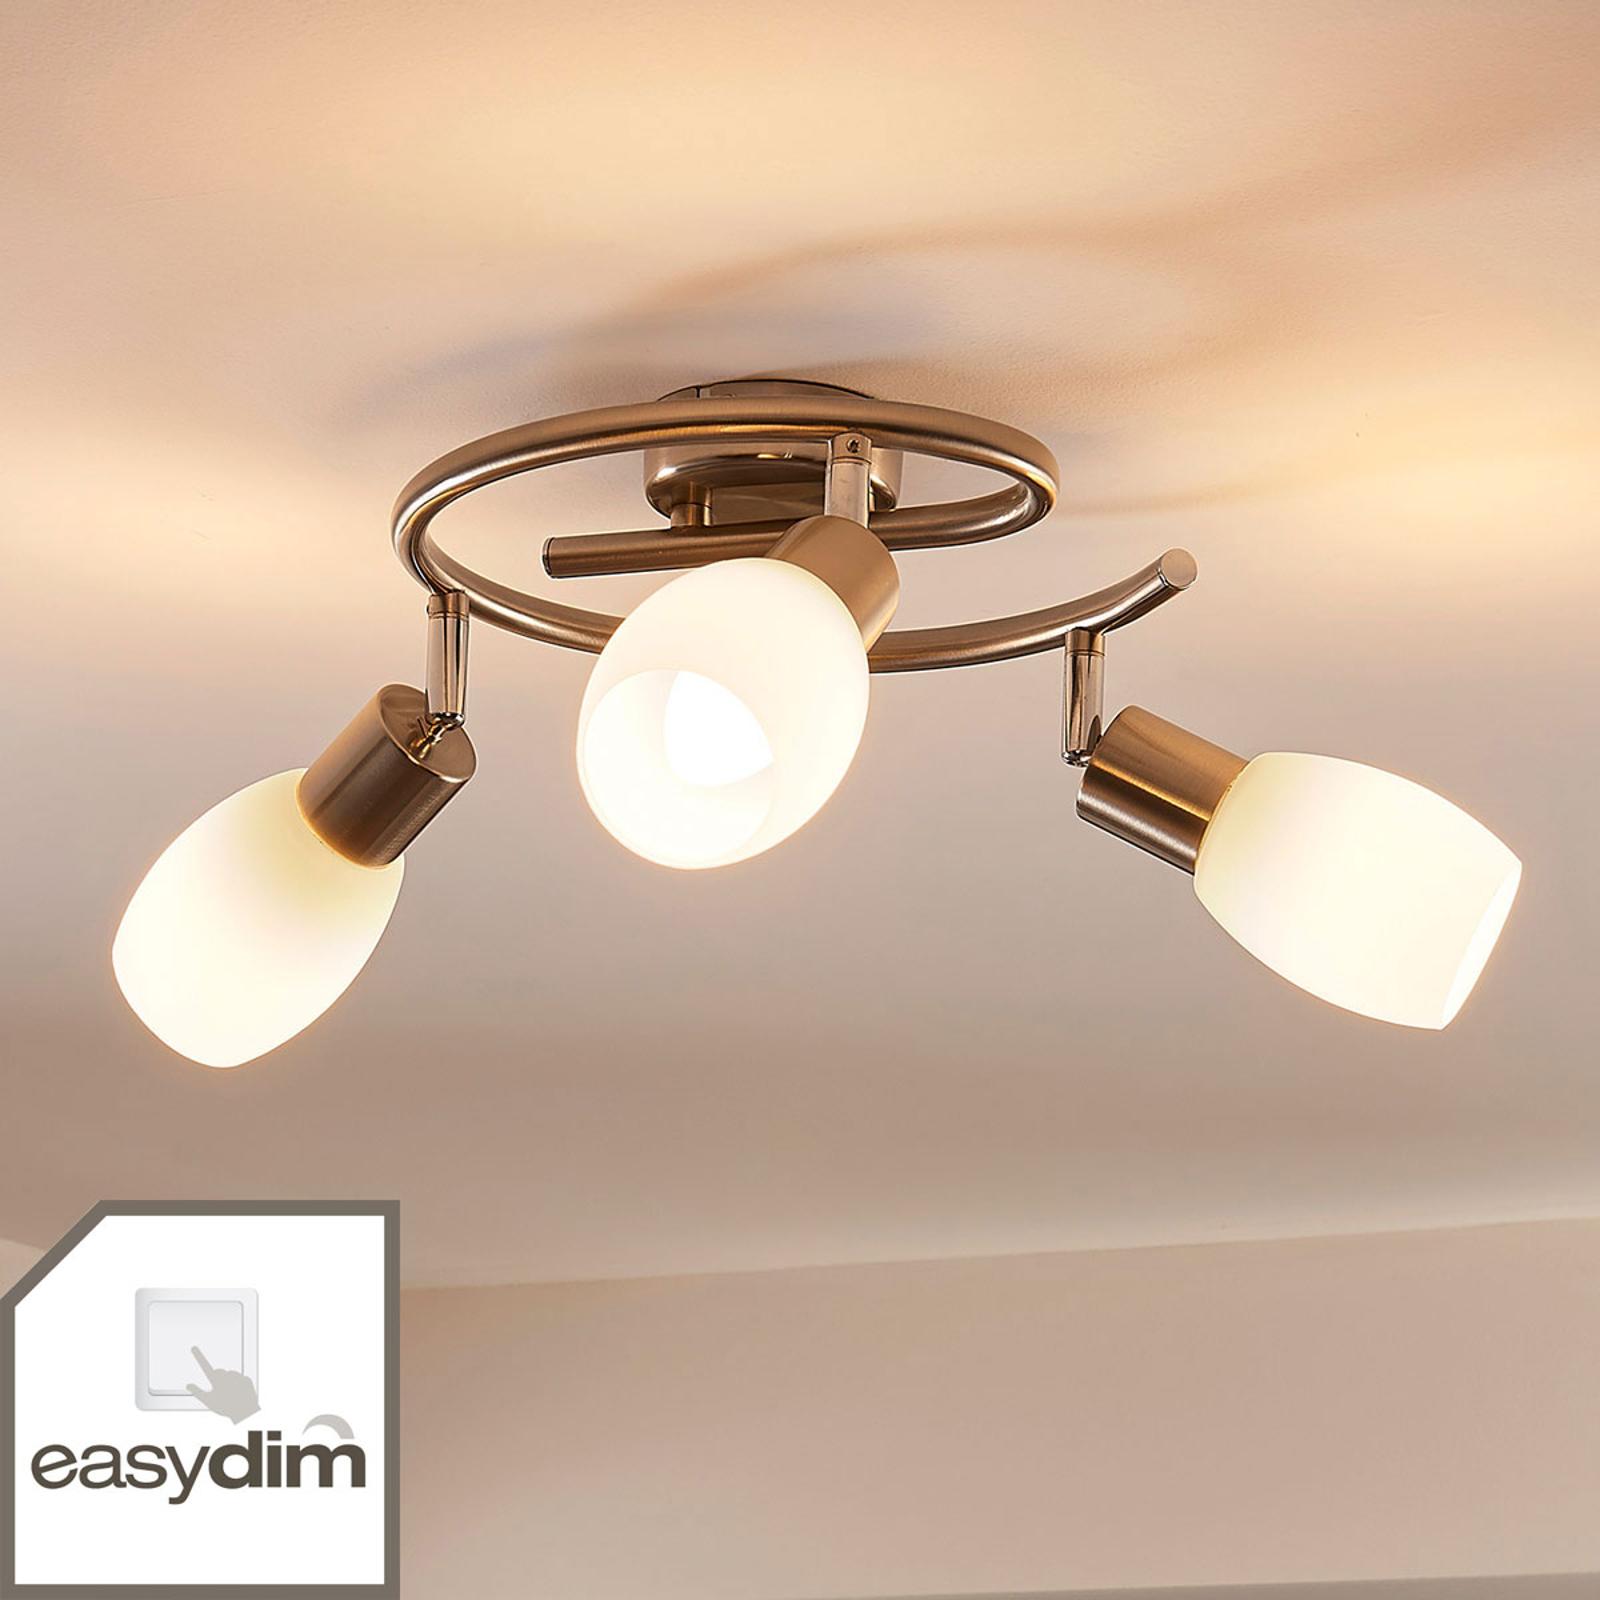 Lampa sufitowa LED easydim Arda, 3-punktowa